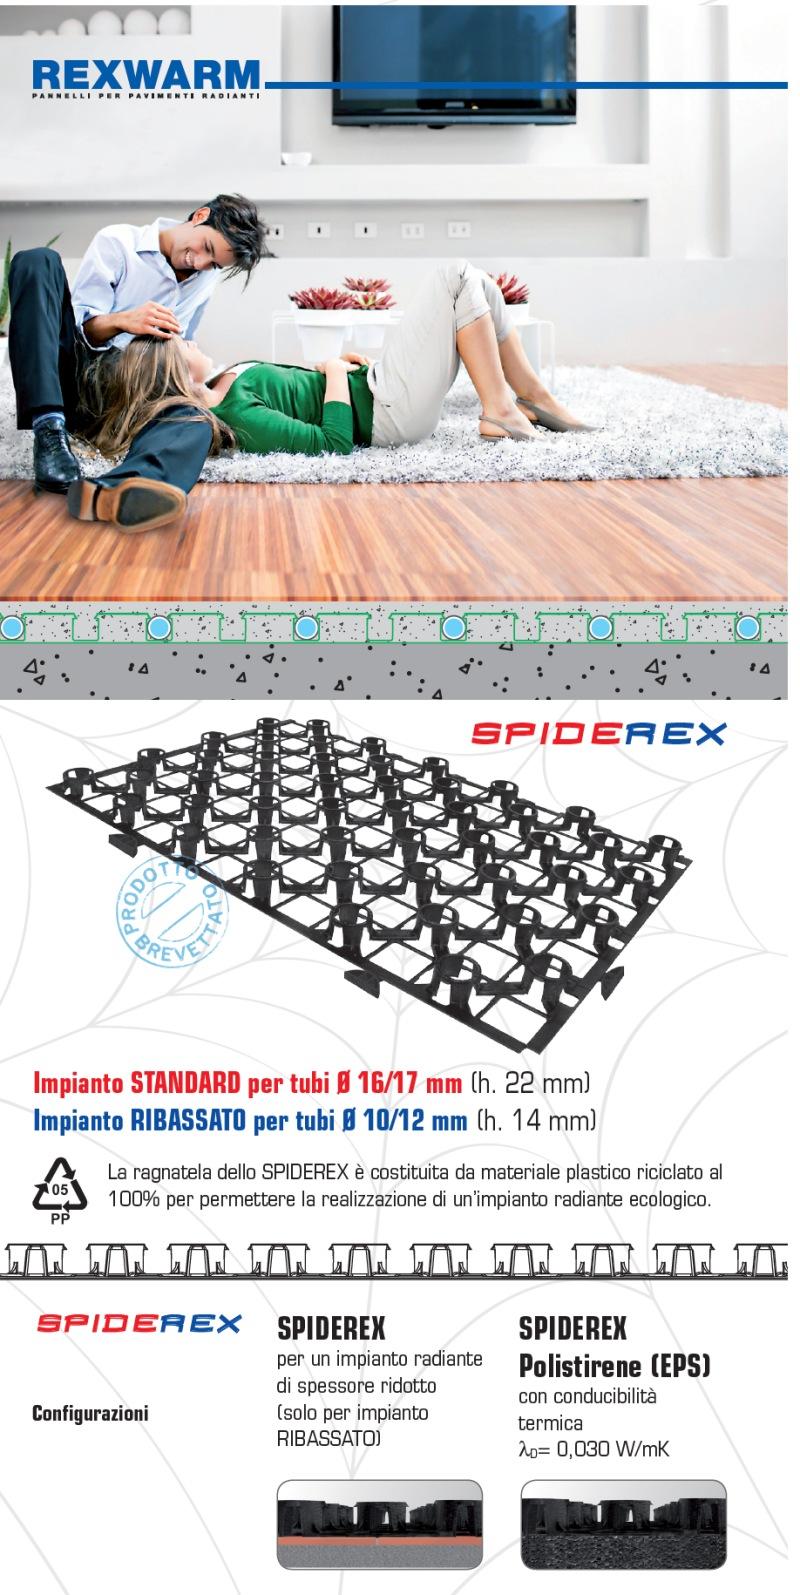 Riscaldamento A Pavimento Tubi spiderrex - impianti riscaldamento a pavimento | rexwarm